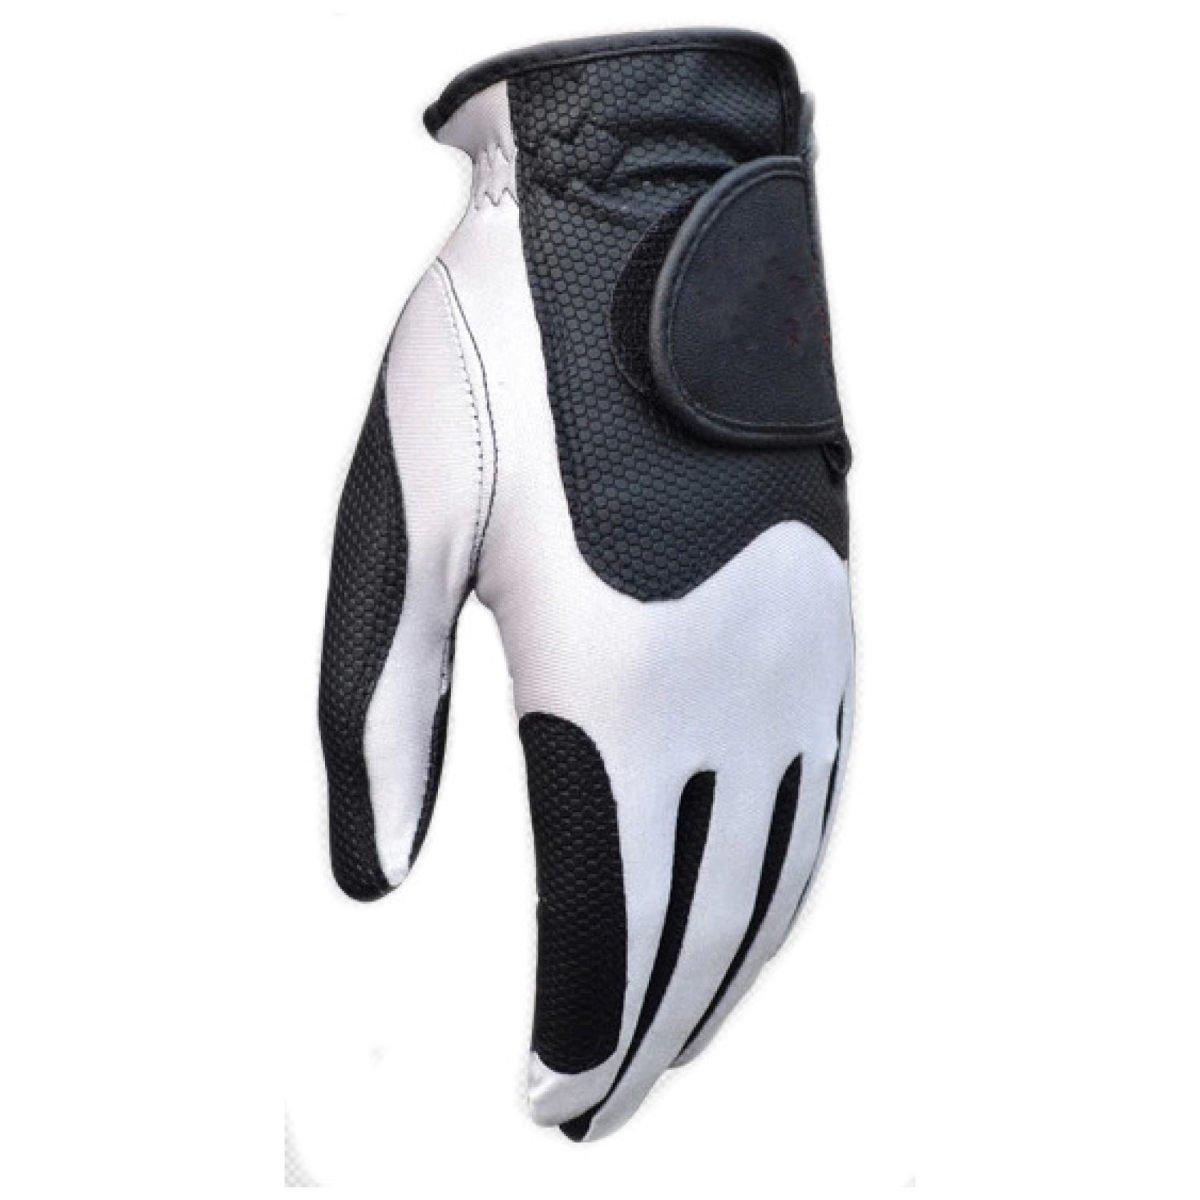 BFMEI Volle Finger-Handschuhe Für Motorrad Wandern Radfahren Outdoor Sports,Weiß-S